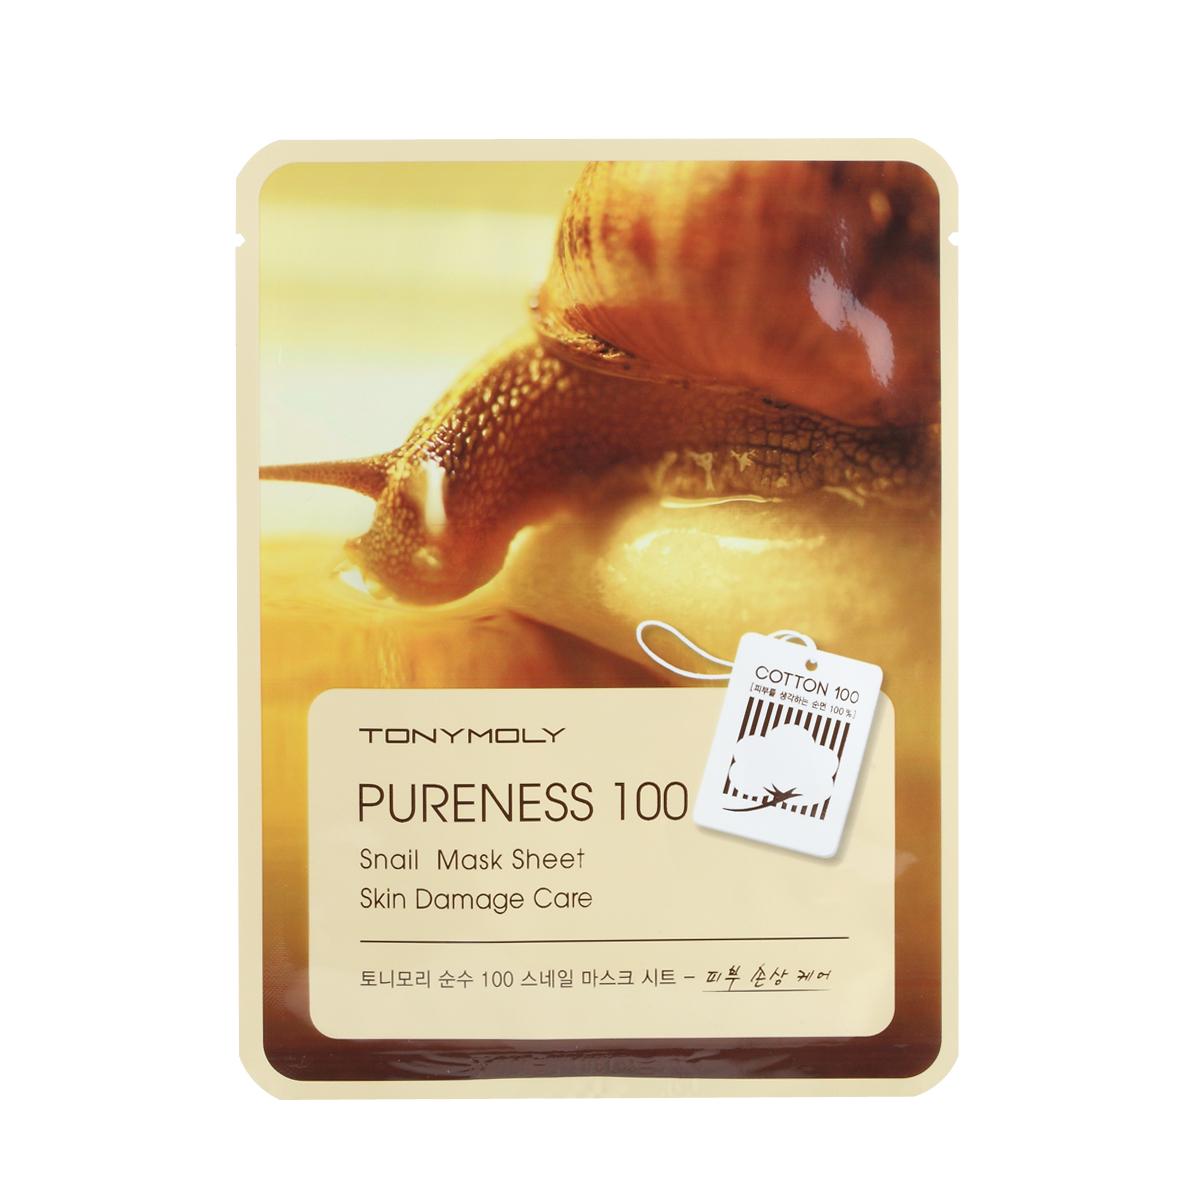 TonyMoly Тканевая маска с экстрактом улиточной слизи Pureness 100 Snail Mask Sheet, 21 млSS05016100Маска с фильтратом улитки способствует заживлению ссадин, рубцов и небольших ранок. Фильтрат улиточной слизи способствует регенерации клеток кожи, уменьшает проявление морщин и прекрасно питает и увлажняет кожу. Маска состоит из 100 % натурального отбеленного хлопка, плотно прилегает к коже и способствует глубокому проникновению фильтрата улиточной слизи в клетки кожи. Использование маски придаст лицу гладкость, эластичность, уменьшит проявление угрей и сделает кожу сияющей и здоровой. Марка Tony Moly чаще всего размещает на упаковке (внизу или наверху на спайке двух сторон упаковки, на дне банки, на тубе сбоку) дату изготовления в формате: год/месяц/дата.